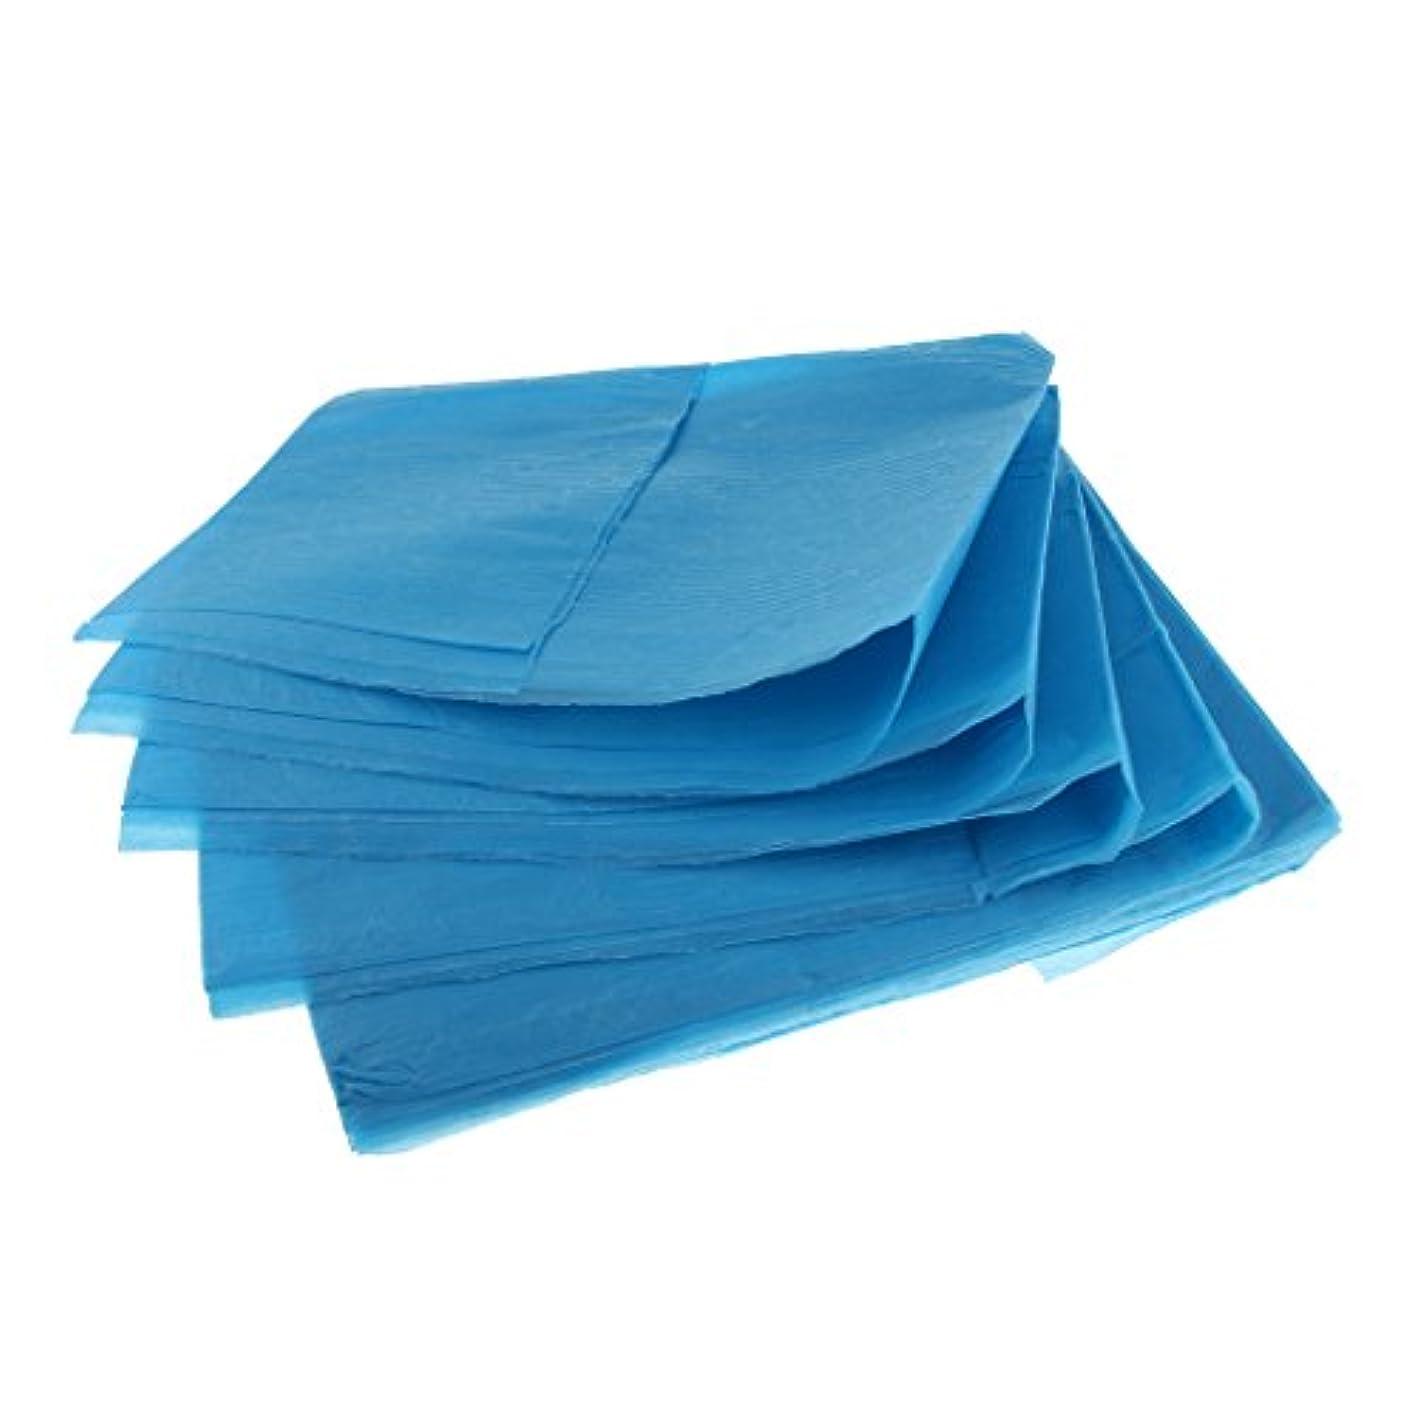 不満のれんファイバSONONIA 10枚 使い捨て ベッドシーツ ベッドパッド カバー 妊産婦 生理期間 スキンケア 美容院 サロン ホテル 2色選べ - 青